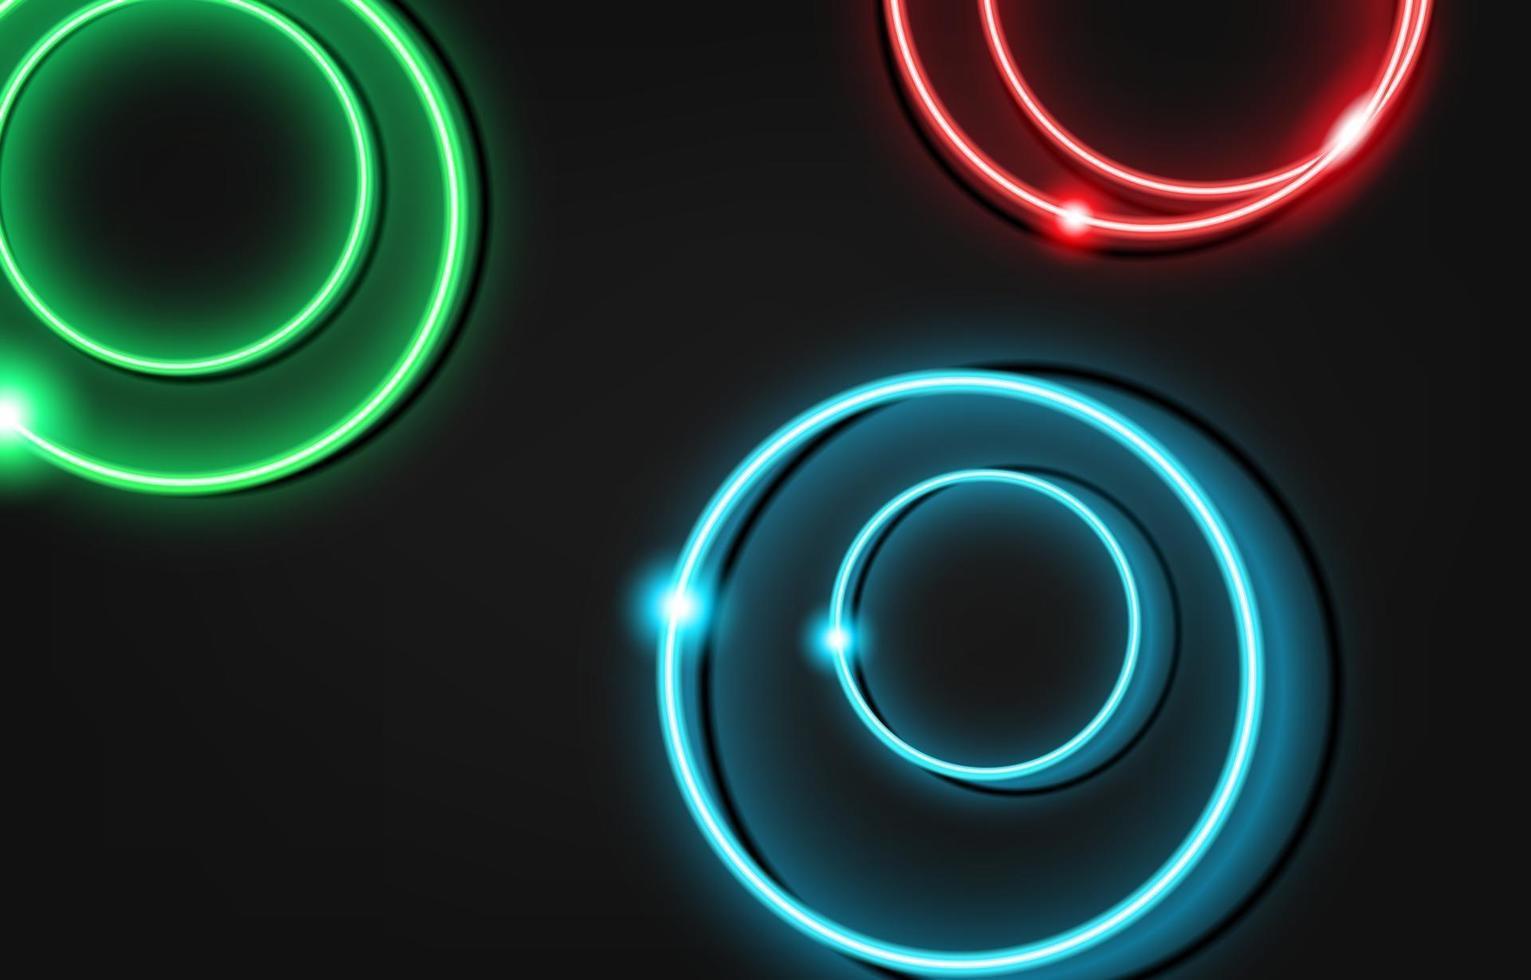 Neon Kreis Luxus Hintergrund mit Metall Textur 3d abstrakt. Geeignet für Tapeten, Banner, Hintergrund, Karte, Buchillustration, Landing Page, Geschenk, Cover, Flyer, Bericht, Geschäft, Social Media vektor